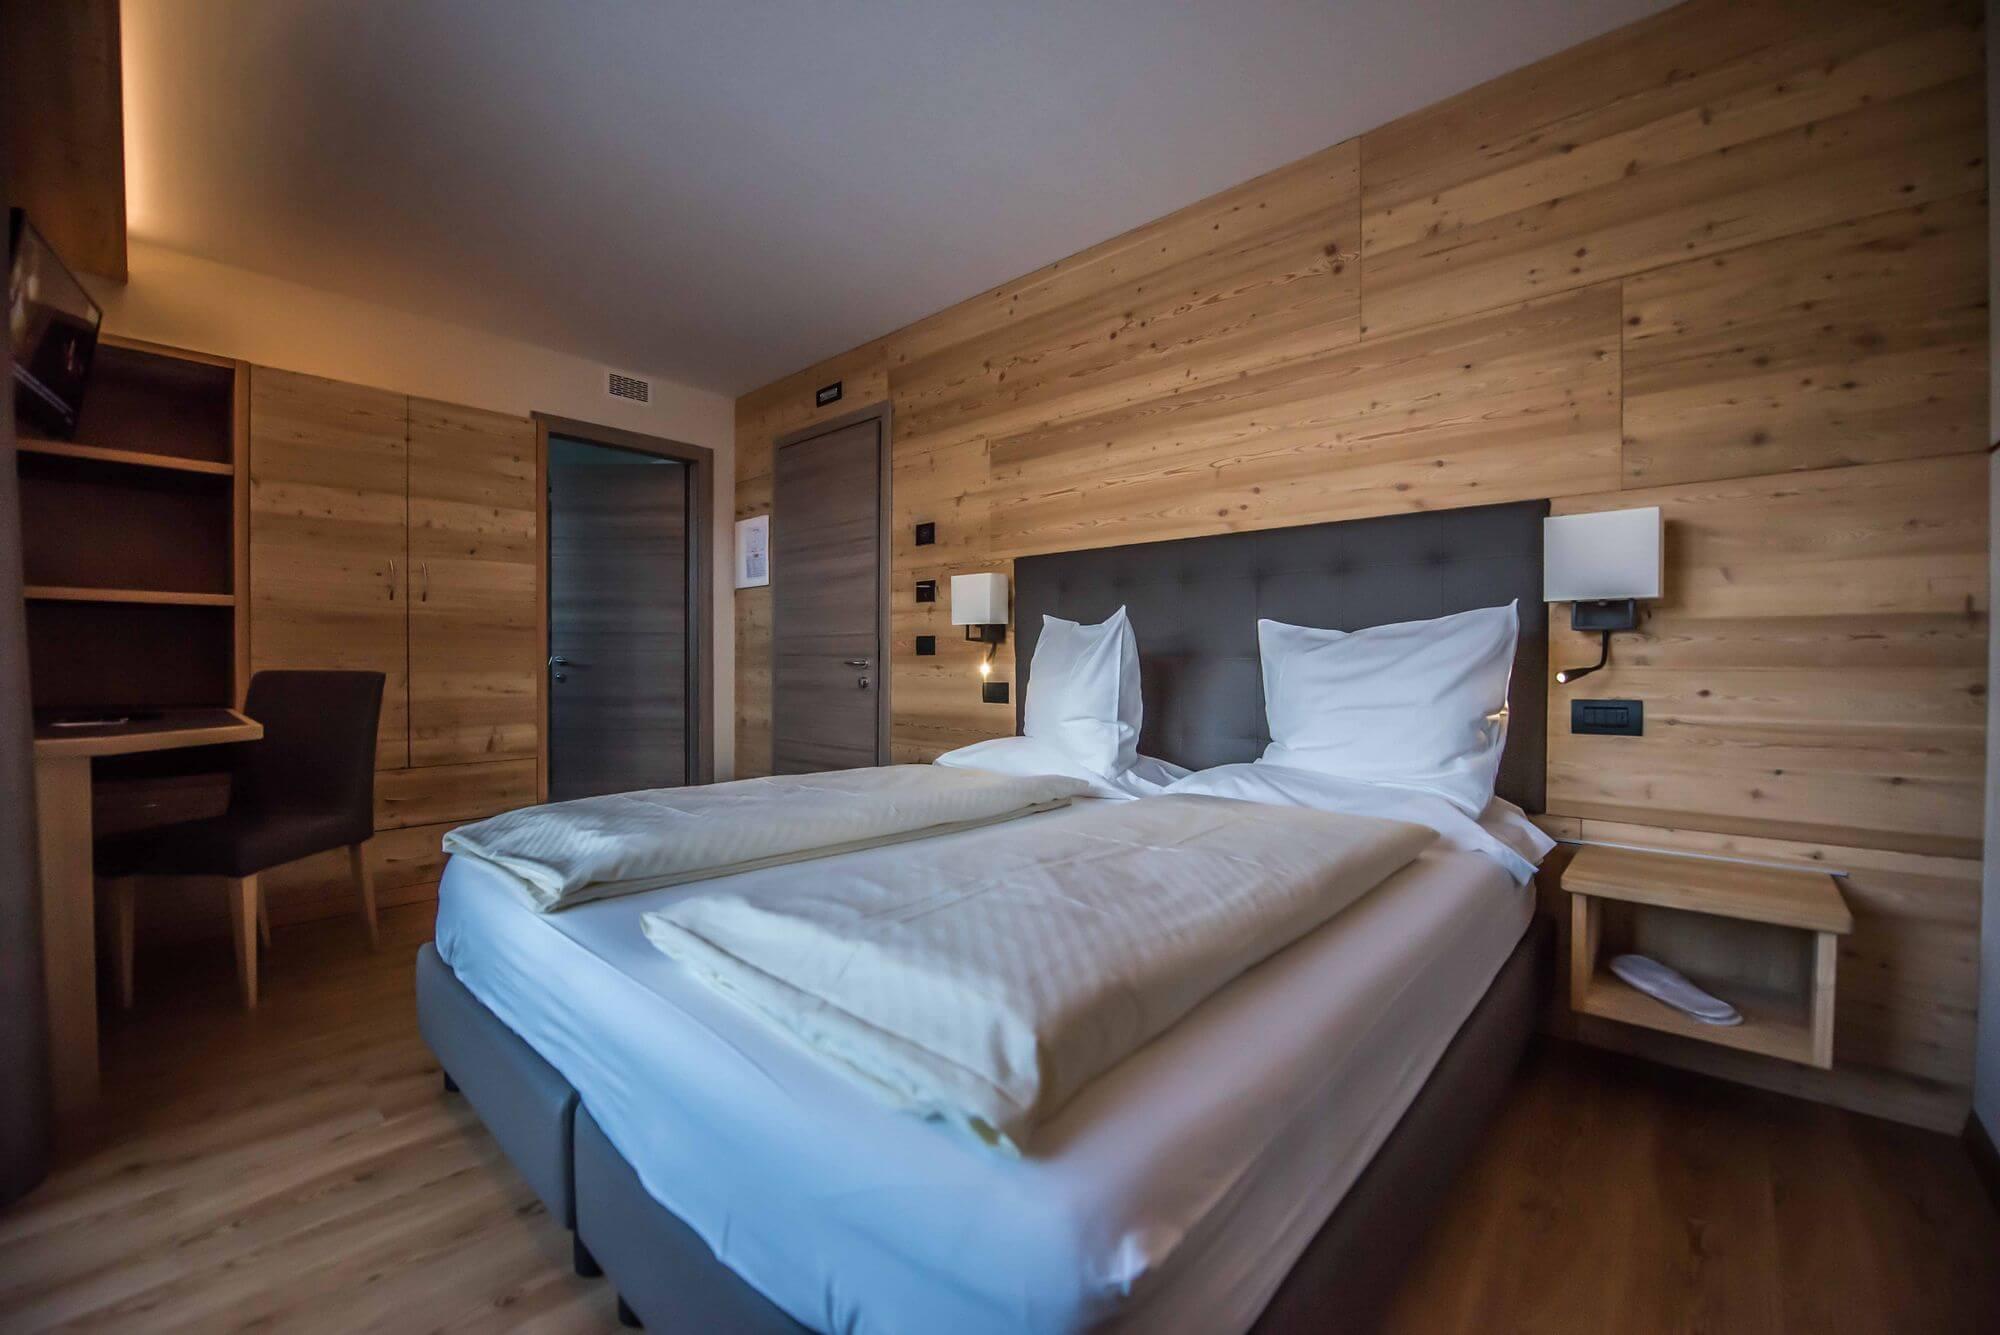 Camera in stile alpino: Hotel a Livigno